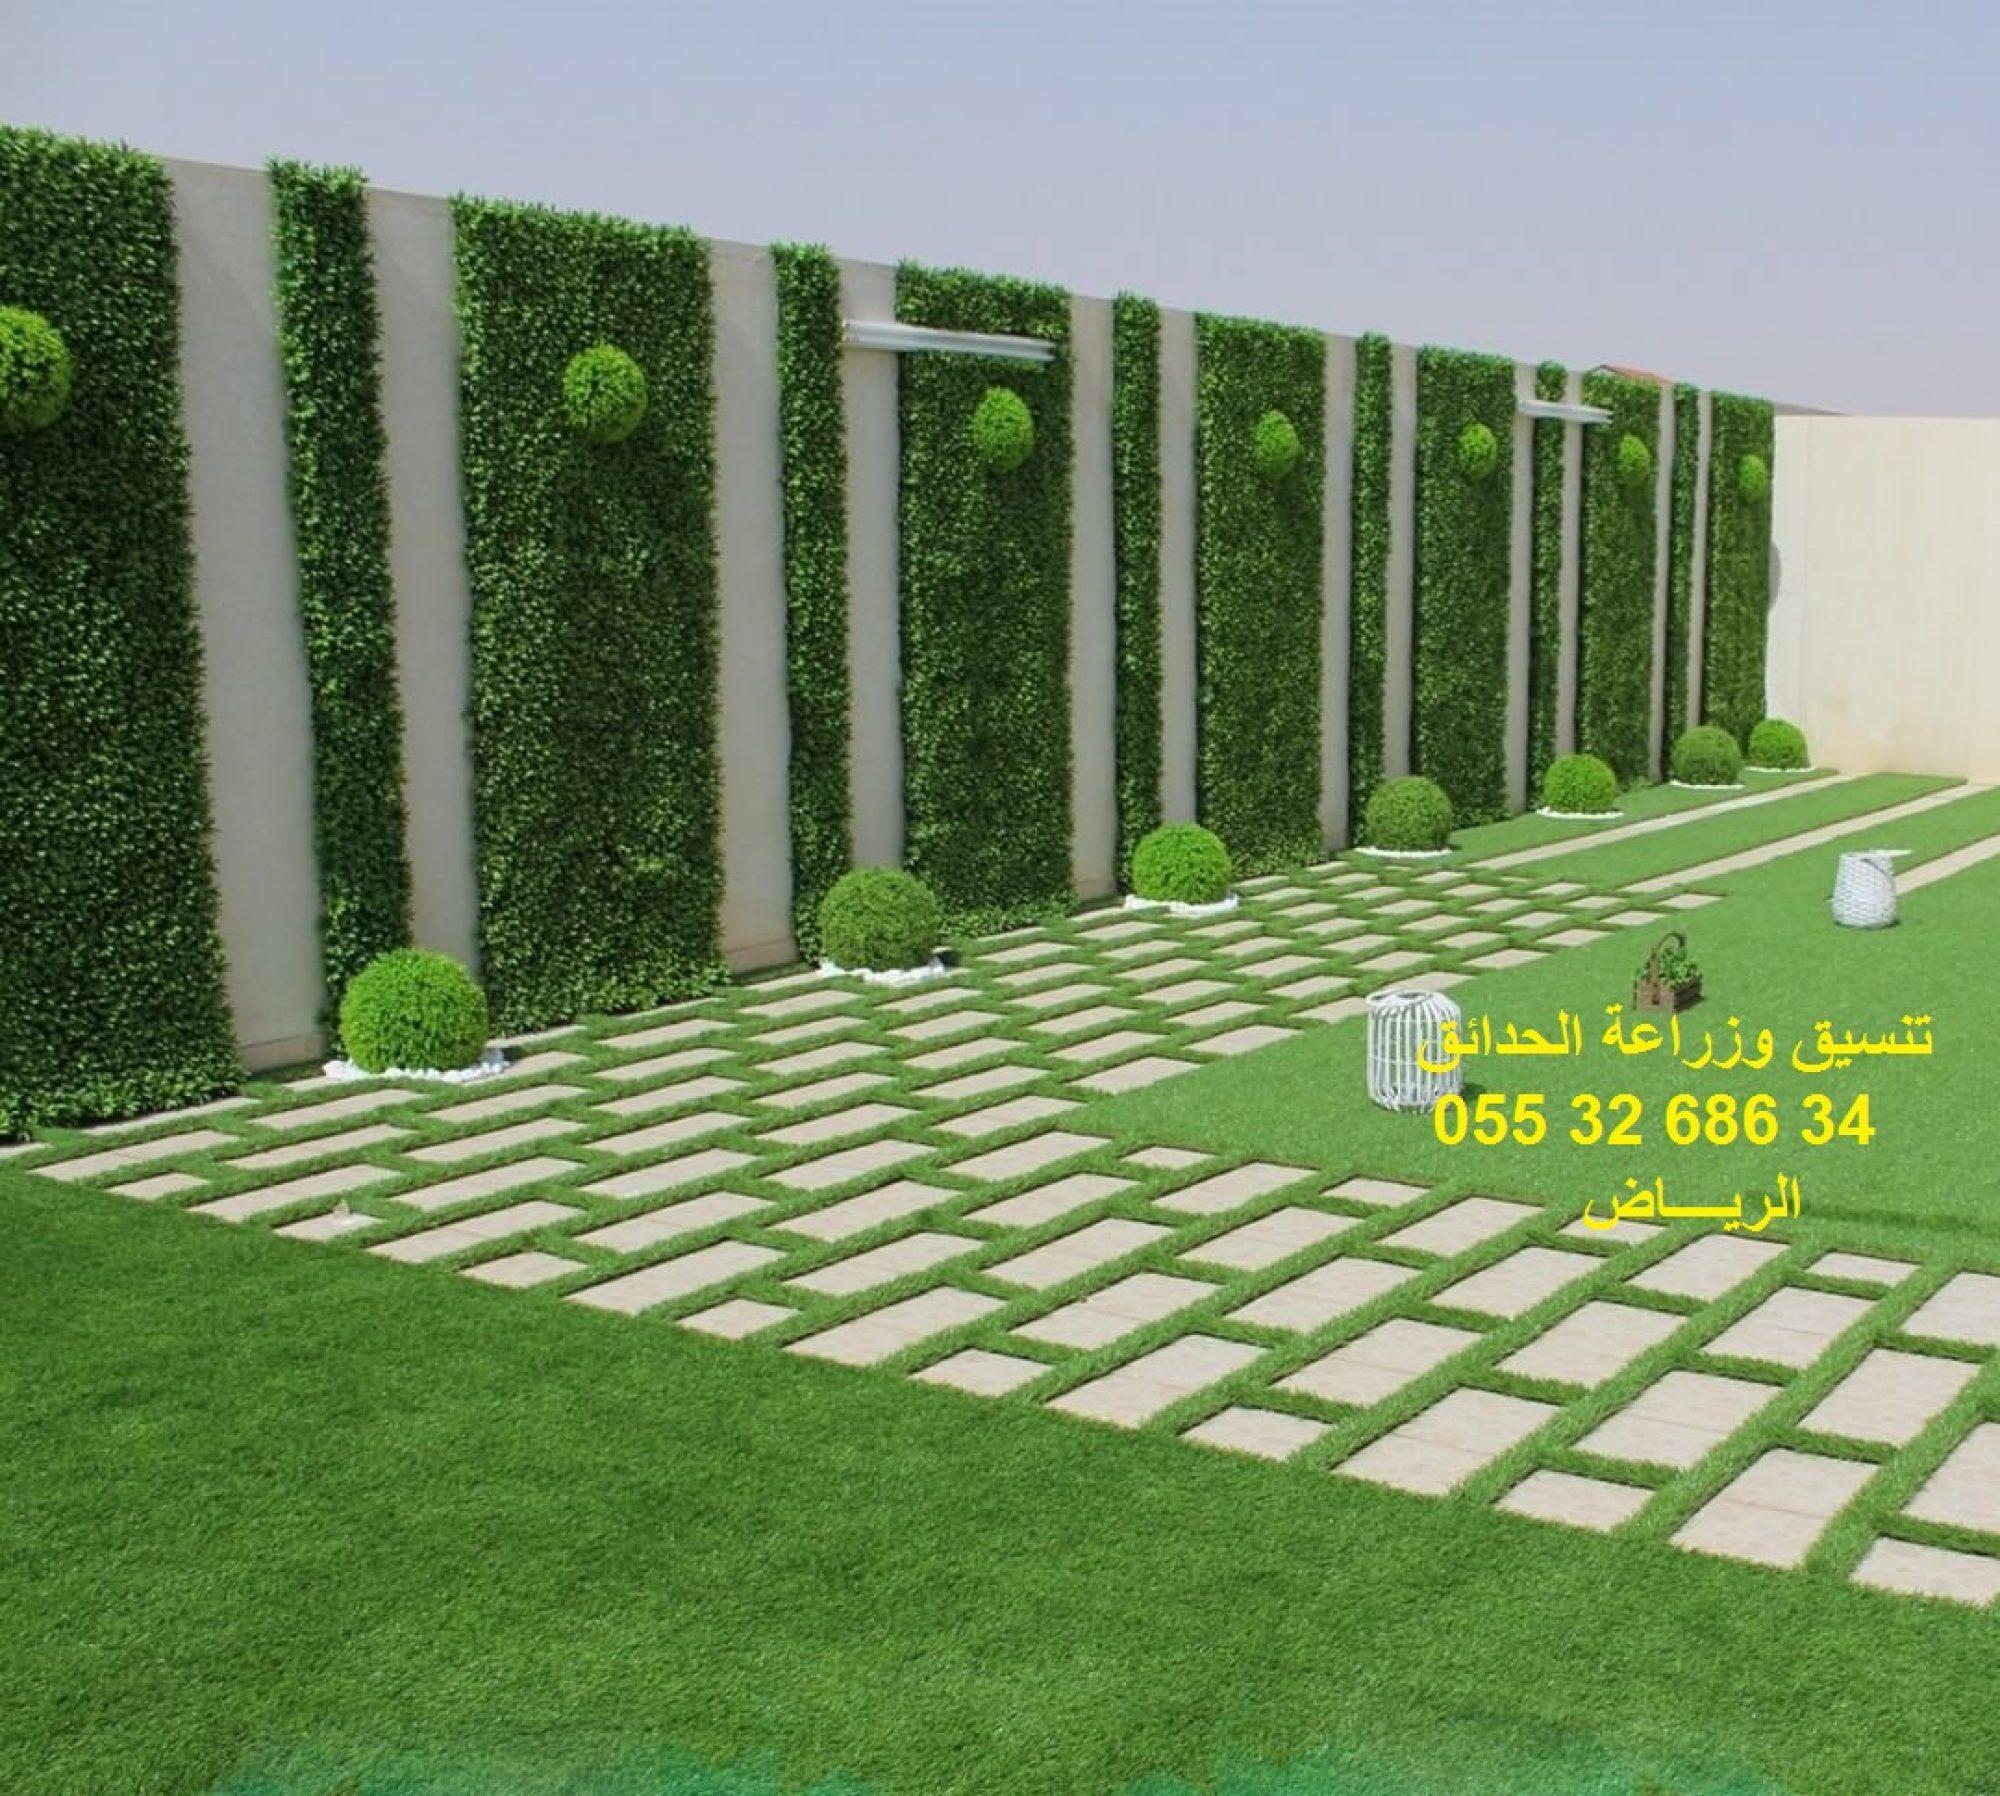 منقط مواد كيميائية الأساسي سور حديقة المنزل مستعمل للبيع في الرياض Sjvbca Org